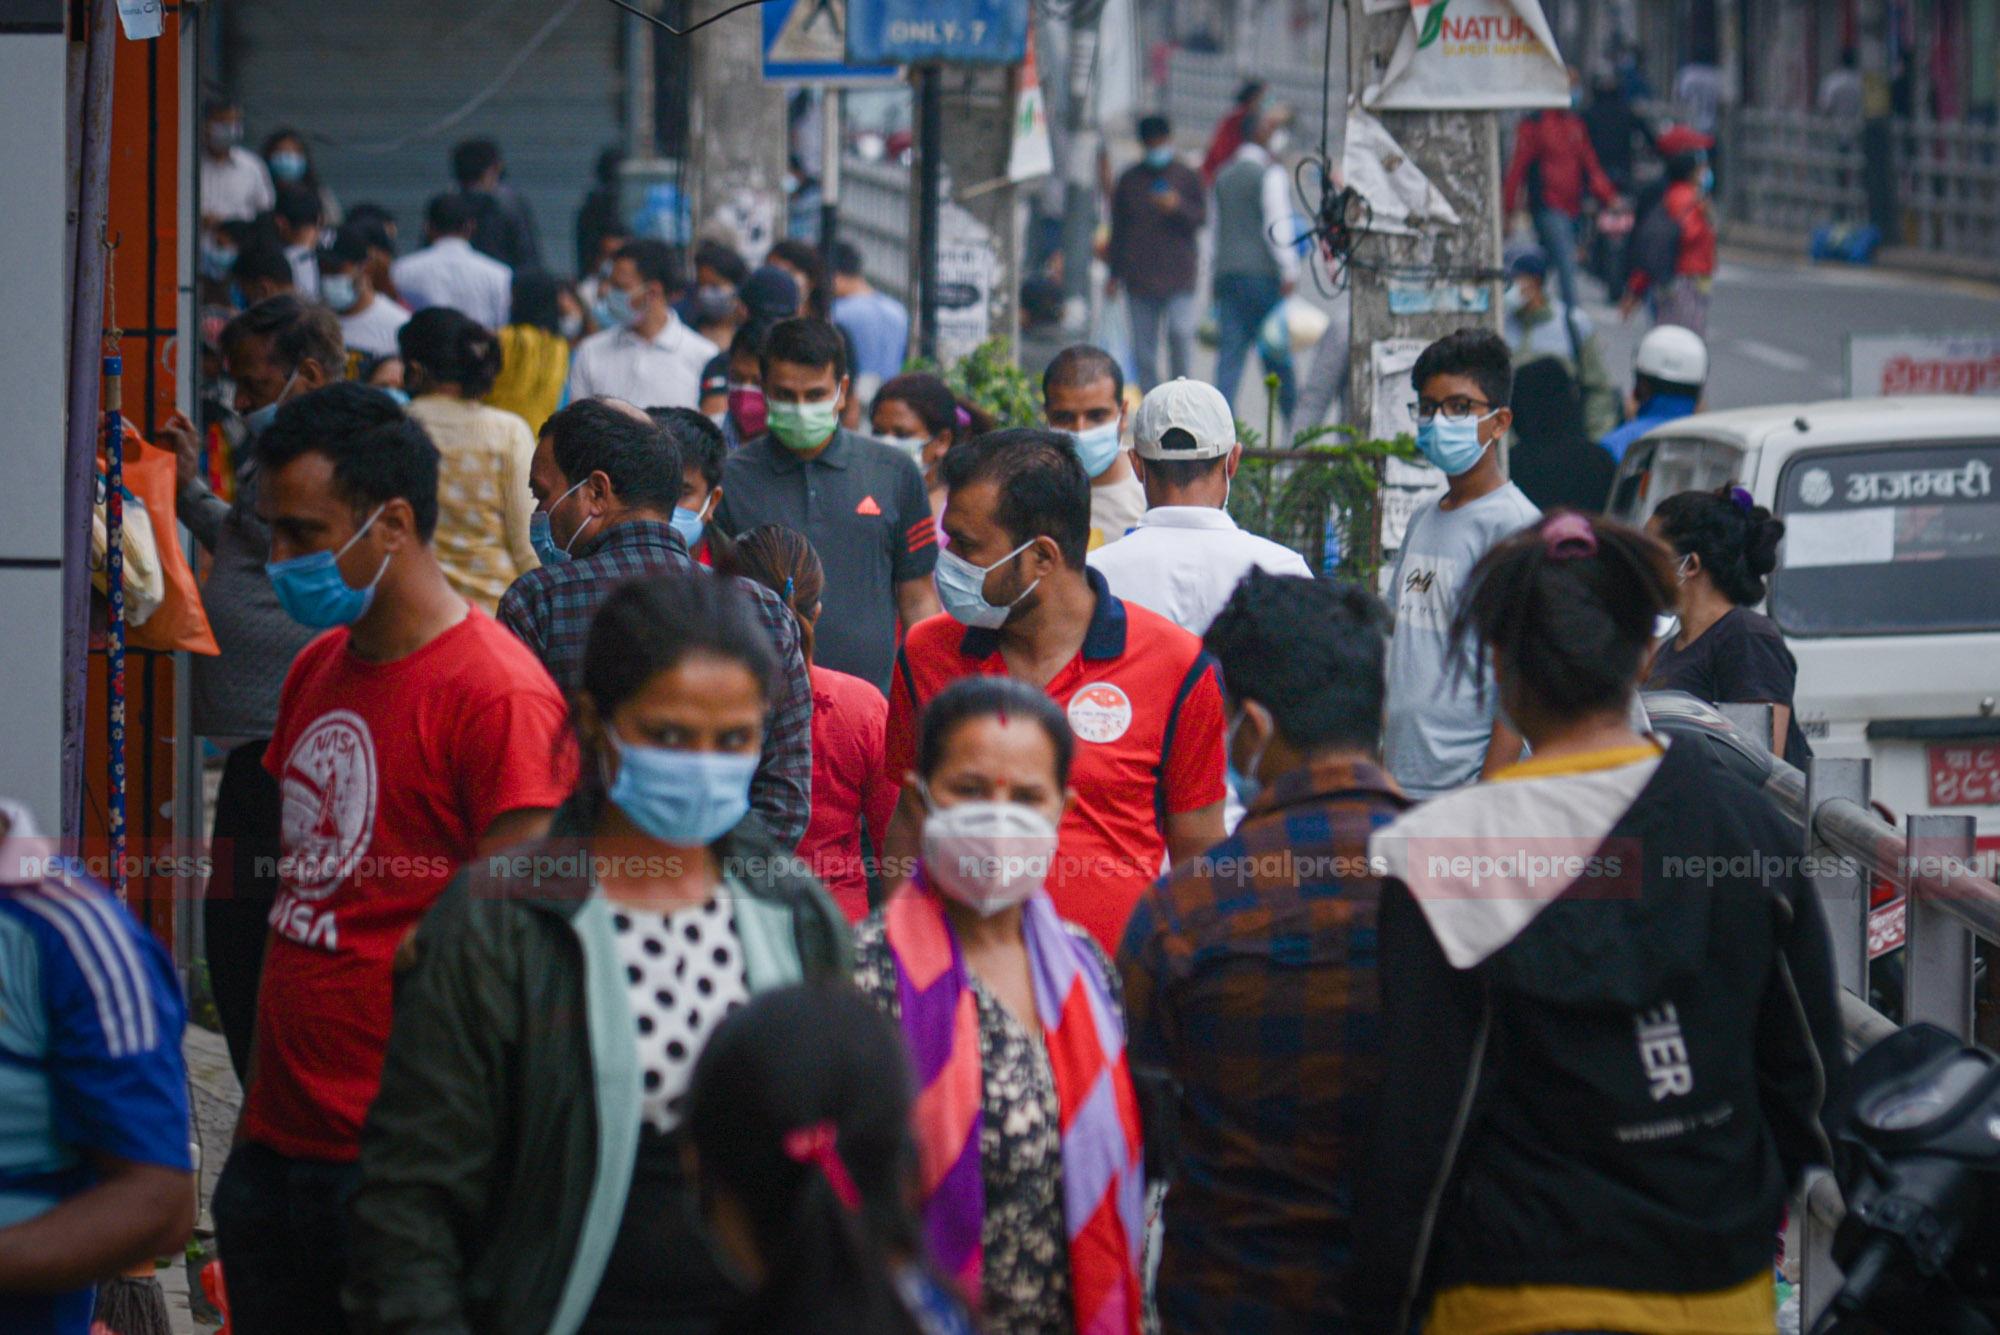 निषेधाज्ञामा काठमाडौं : बिहान भीडभाड, दिउँसो सुनसान